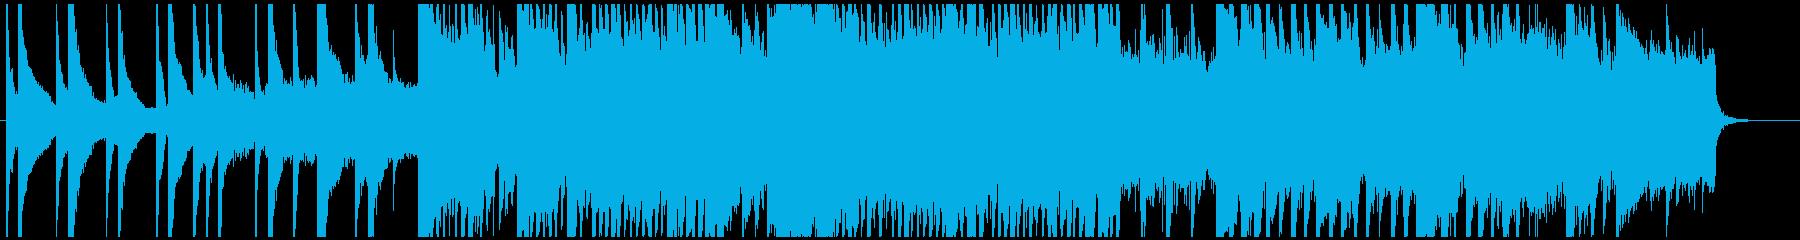 ★ドラマ・CM等★シリアスピアノバラードの再生済みの波形